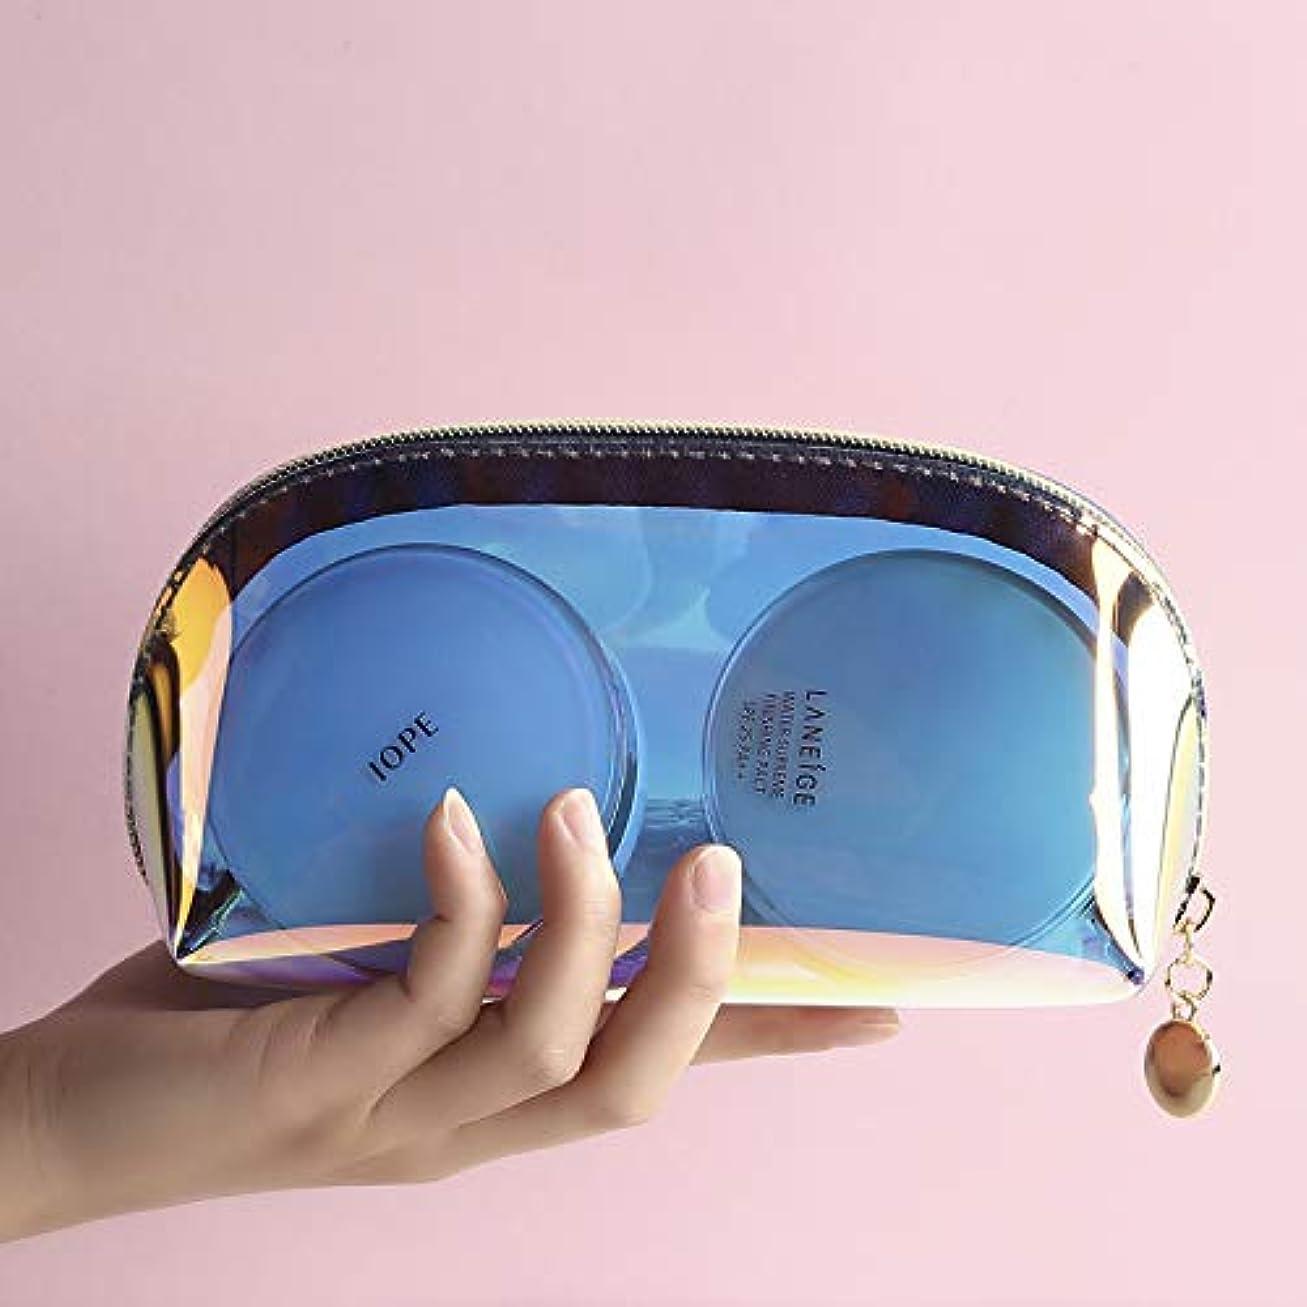 たくさんご意見なる化粧ポーチ 透明メイクポーチ コスメポーチ 小物入れ 防水 トラベルポーチ 旅行 出張 洗面用具入れ 軽量 便利(S)